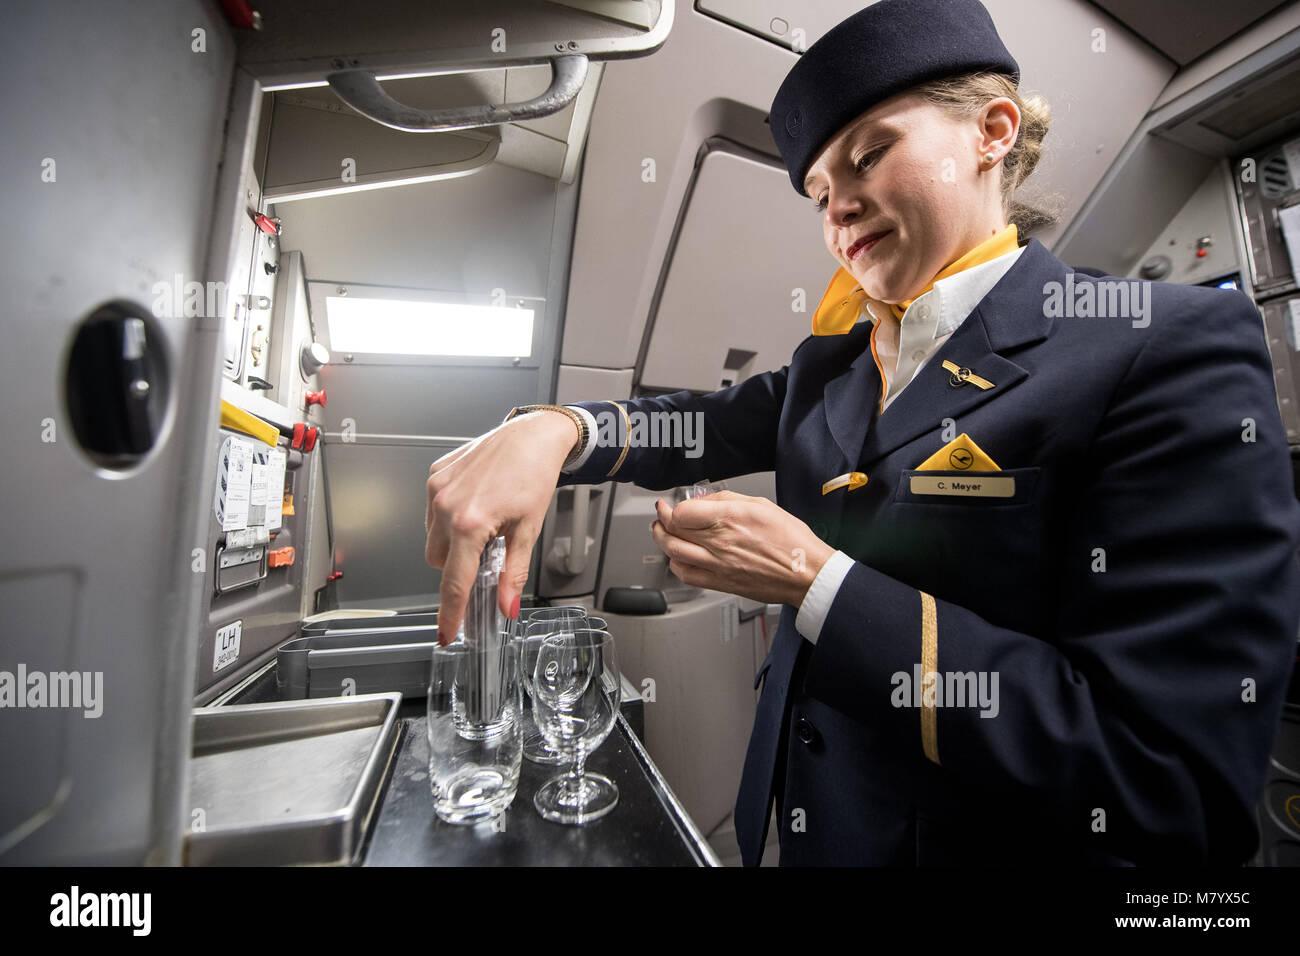 08 de marzo de 2018, Alemania, Frankfurt: Lufthansa azafata la Sra. Meyer prepara los vasos con bebidas para embarcar Imagen De Stock